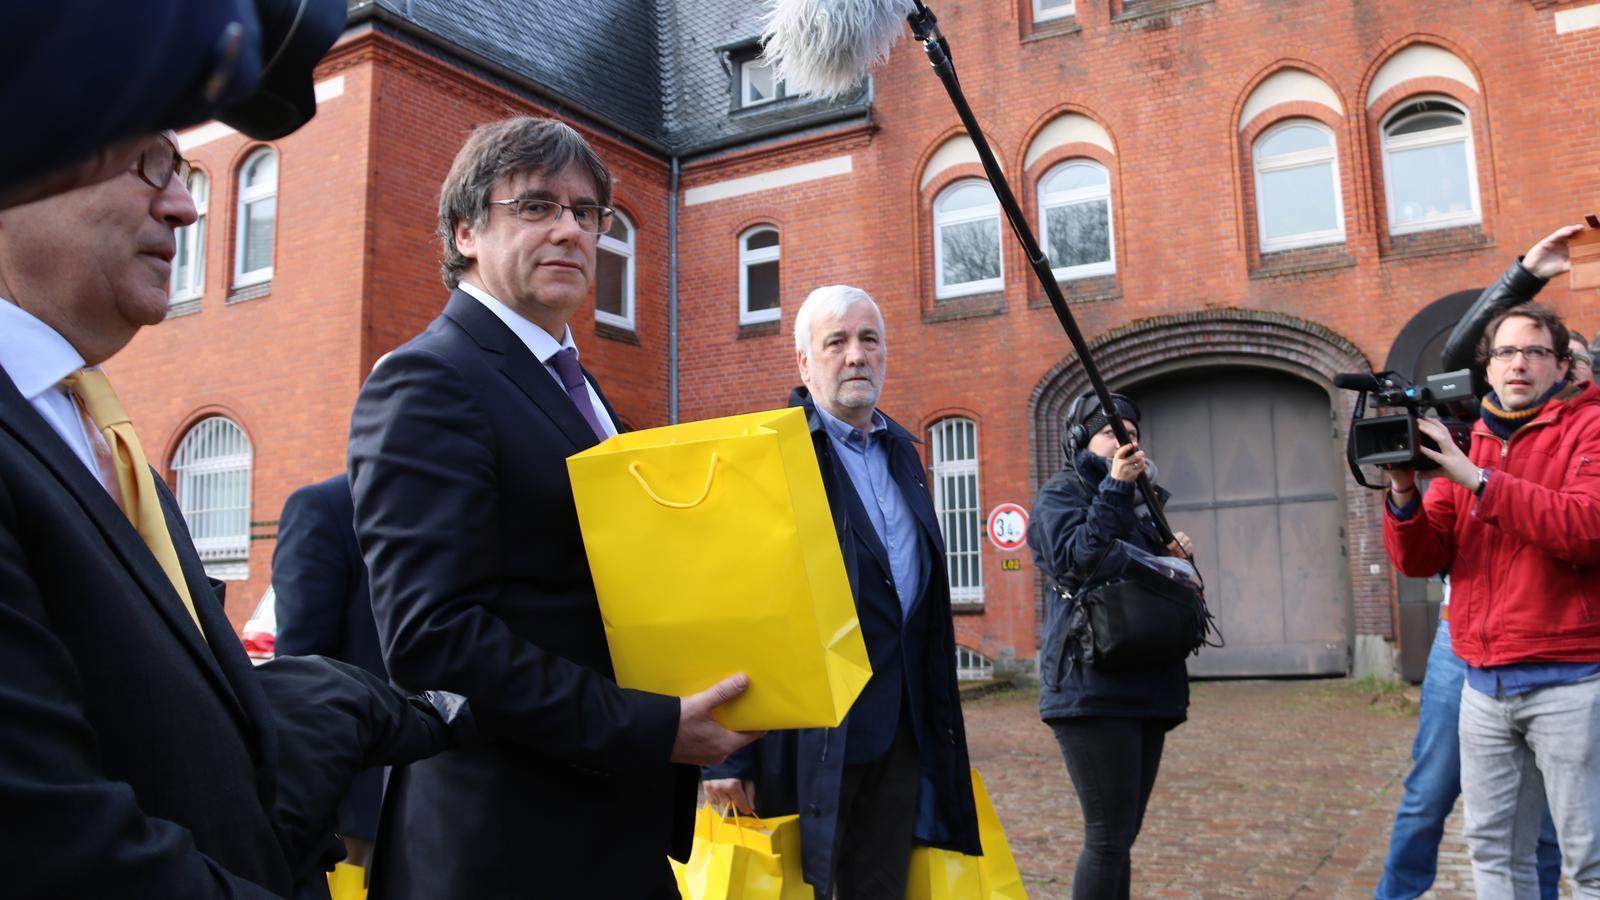 Carles Puigdemont abans d'entrar a la presó de Neumünster quan es compleix un any de la seva detenció a Alemanya